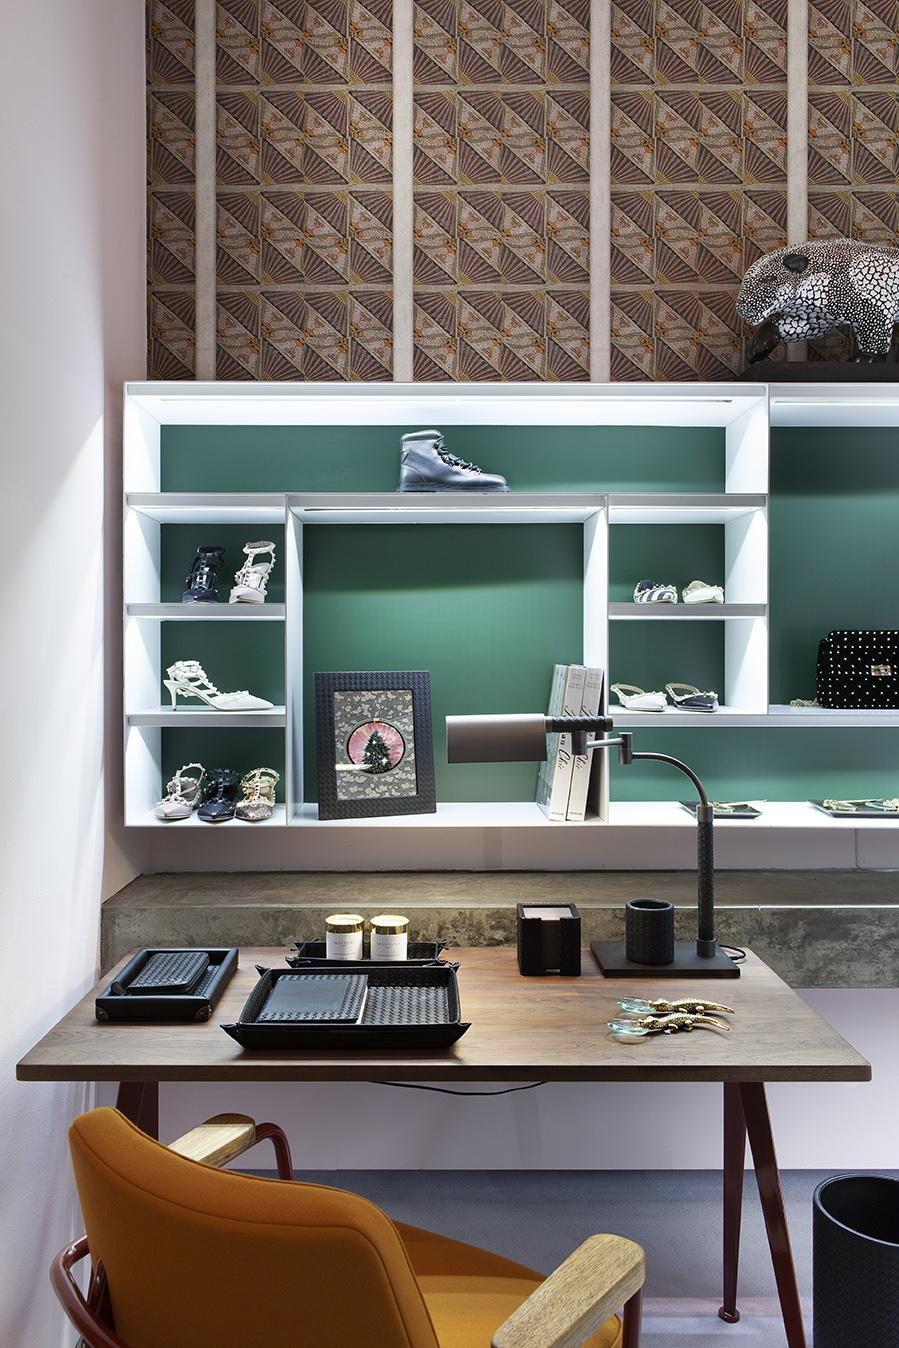 LuisaViaRoma_Home For The Holidays_Cristina Celestino_Low res (16).jpg